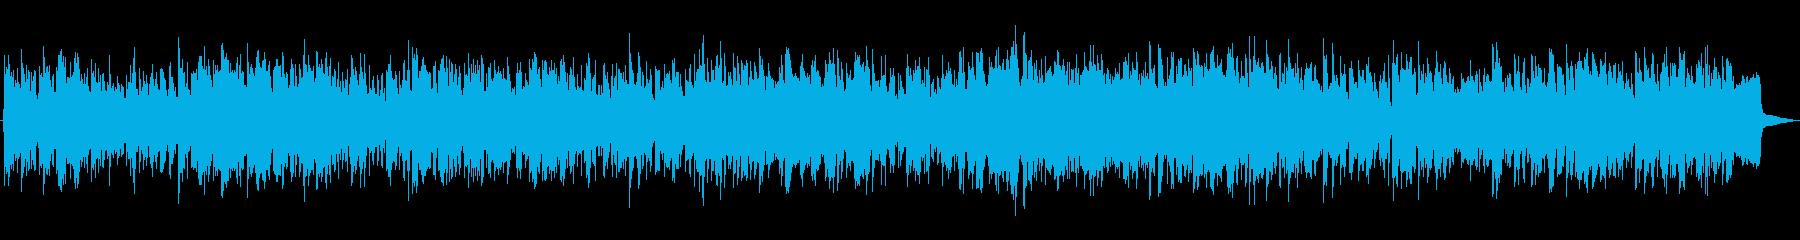 陽気なカントリーBGMの再生済みの波形